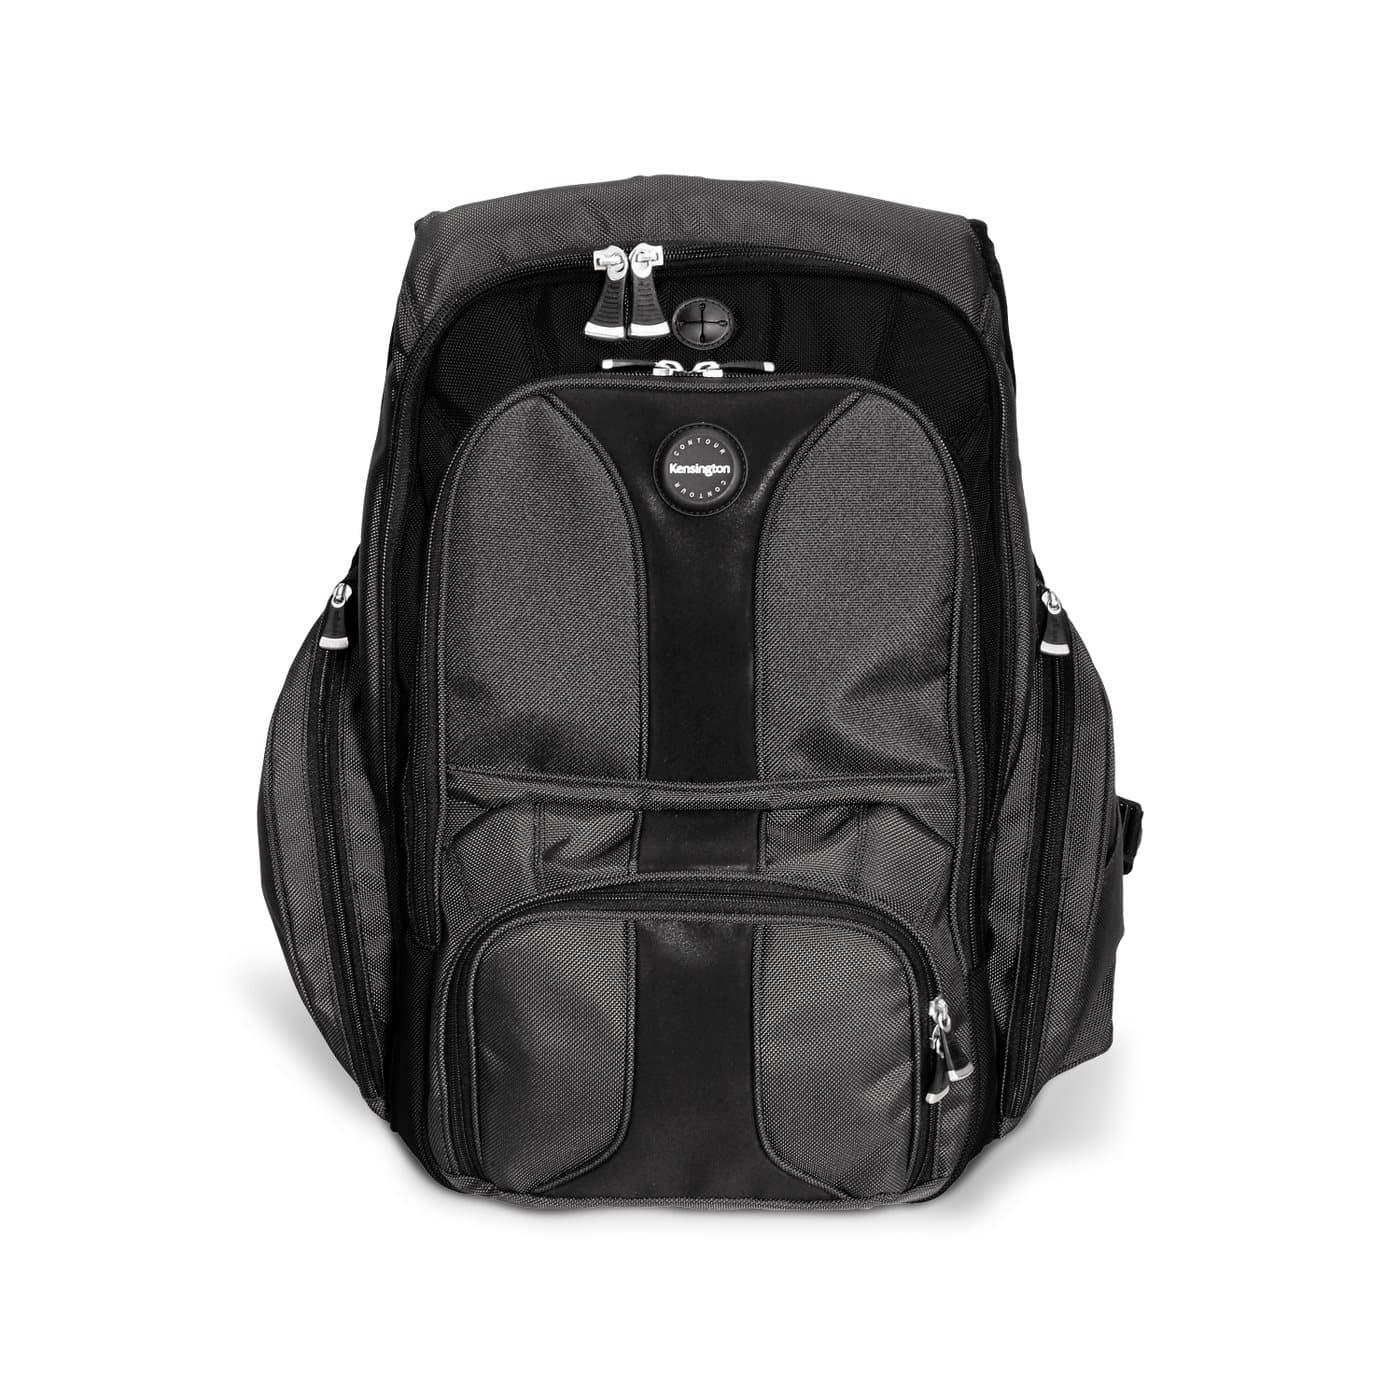 Kensington - Products - Laptop Bags - Contour™ Laptop Backpack ...